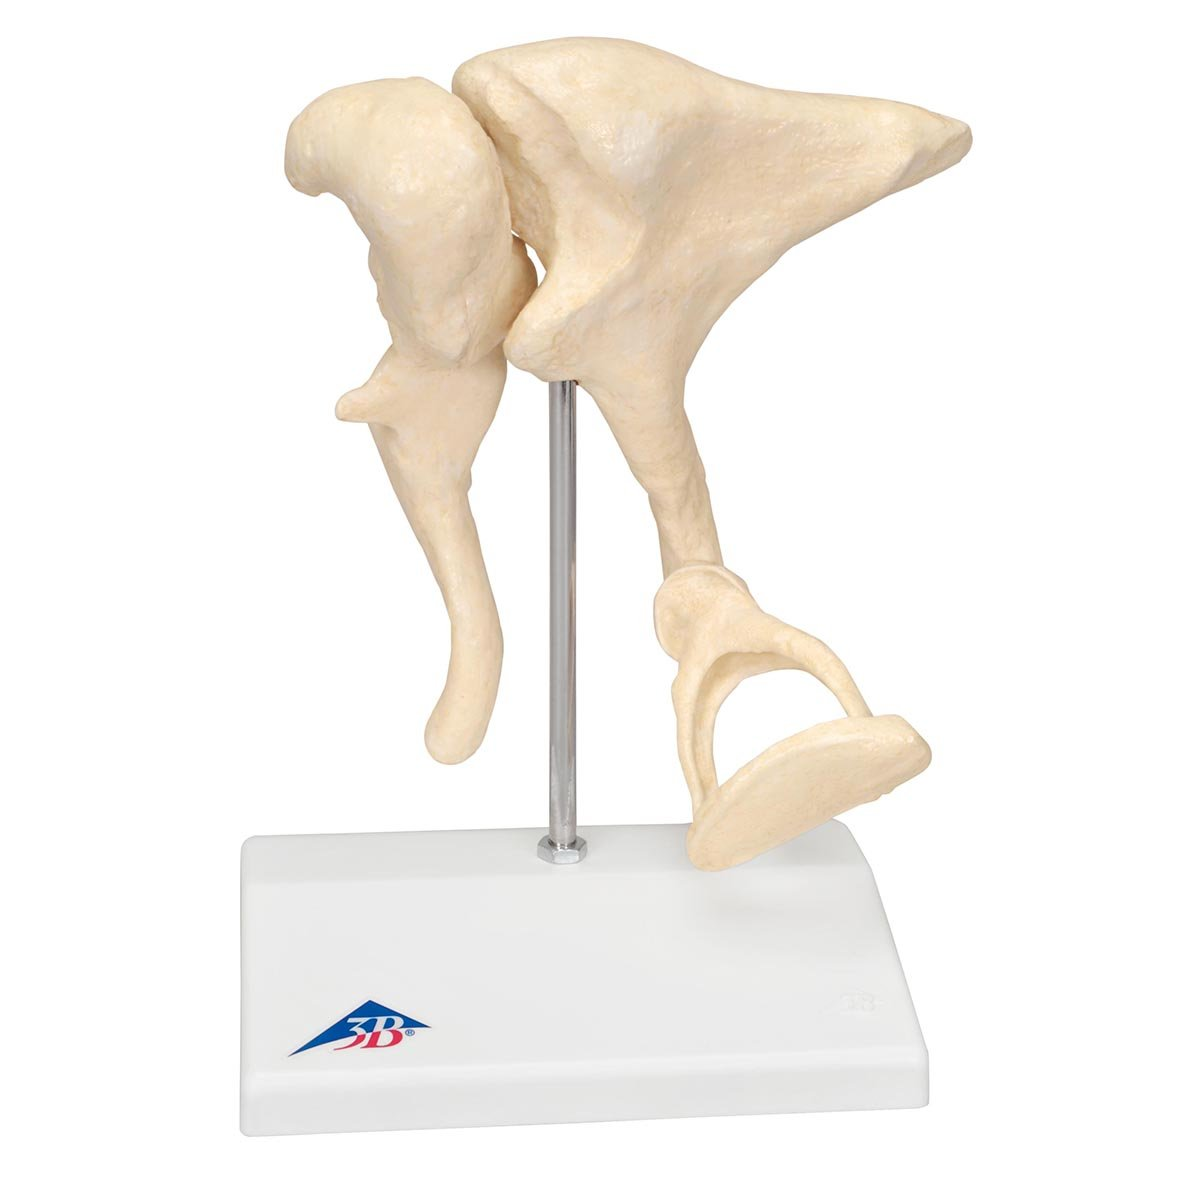 3B Scientific E12 Modelo de anatomí a humana Modelo del Oí do Para el Escritorio, 1,5 Veces Su Tamañ o Natu 5 Veces Su Tamaño Natu 3B Scientific GmbH